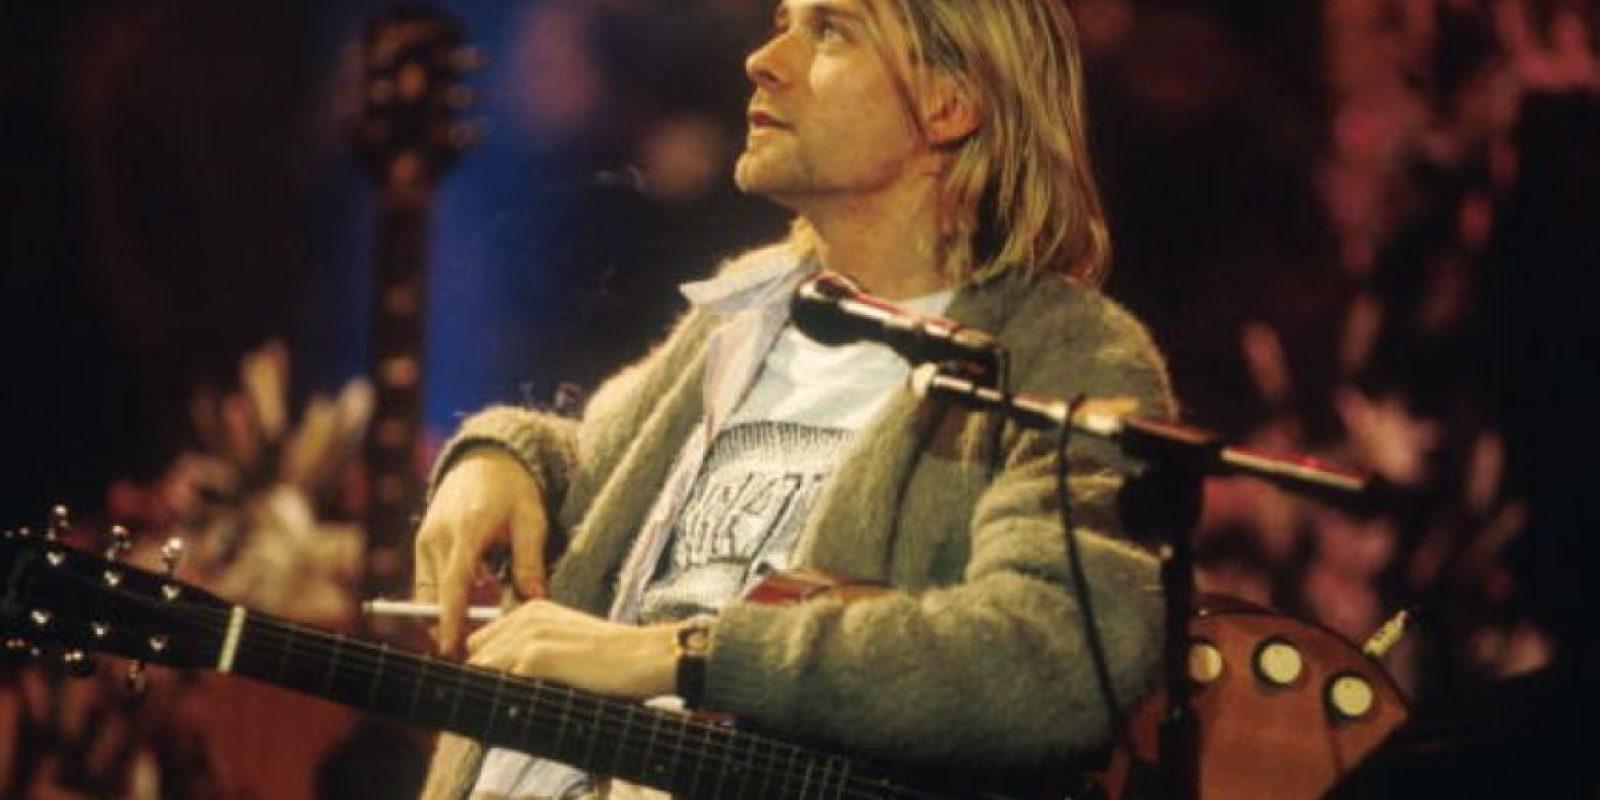 """Kurt Cobain, leyenda del rock y vocalista de """"Nirvana"""", murió el 5 de abril hace 21 años. Foto:Getty Images"""